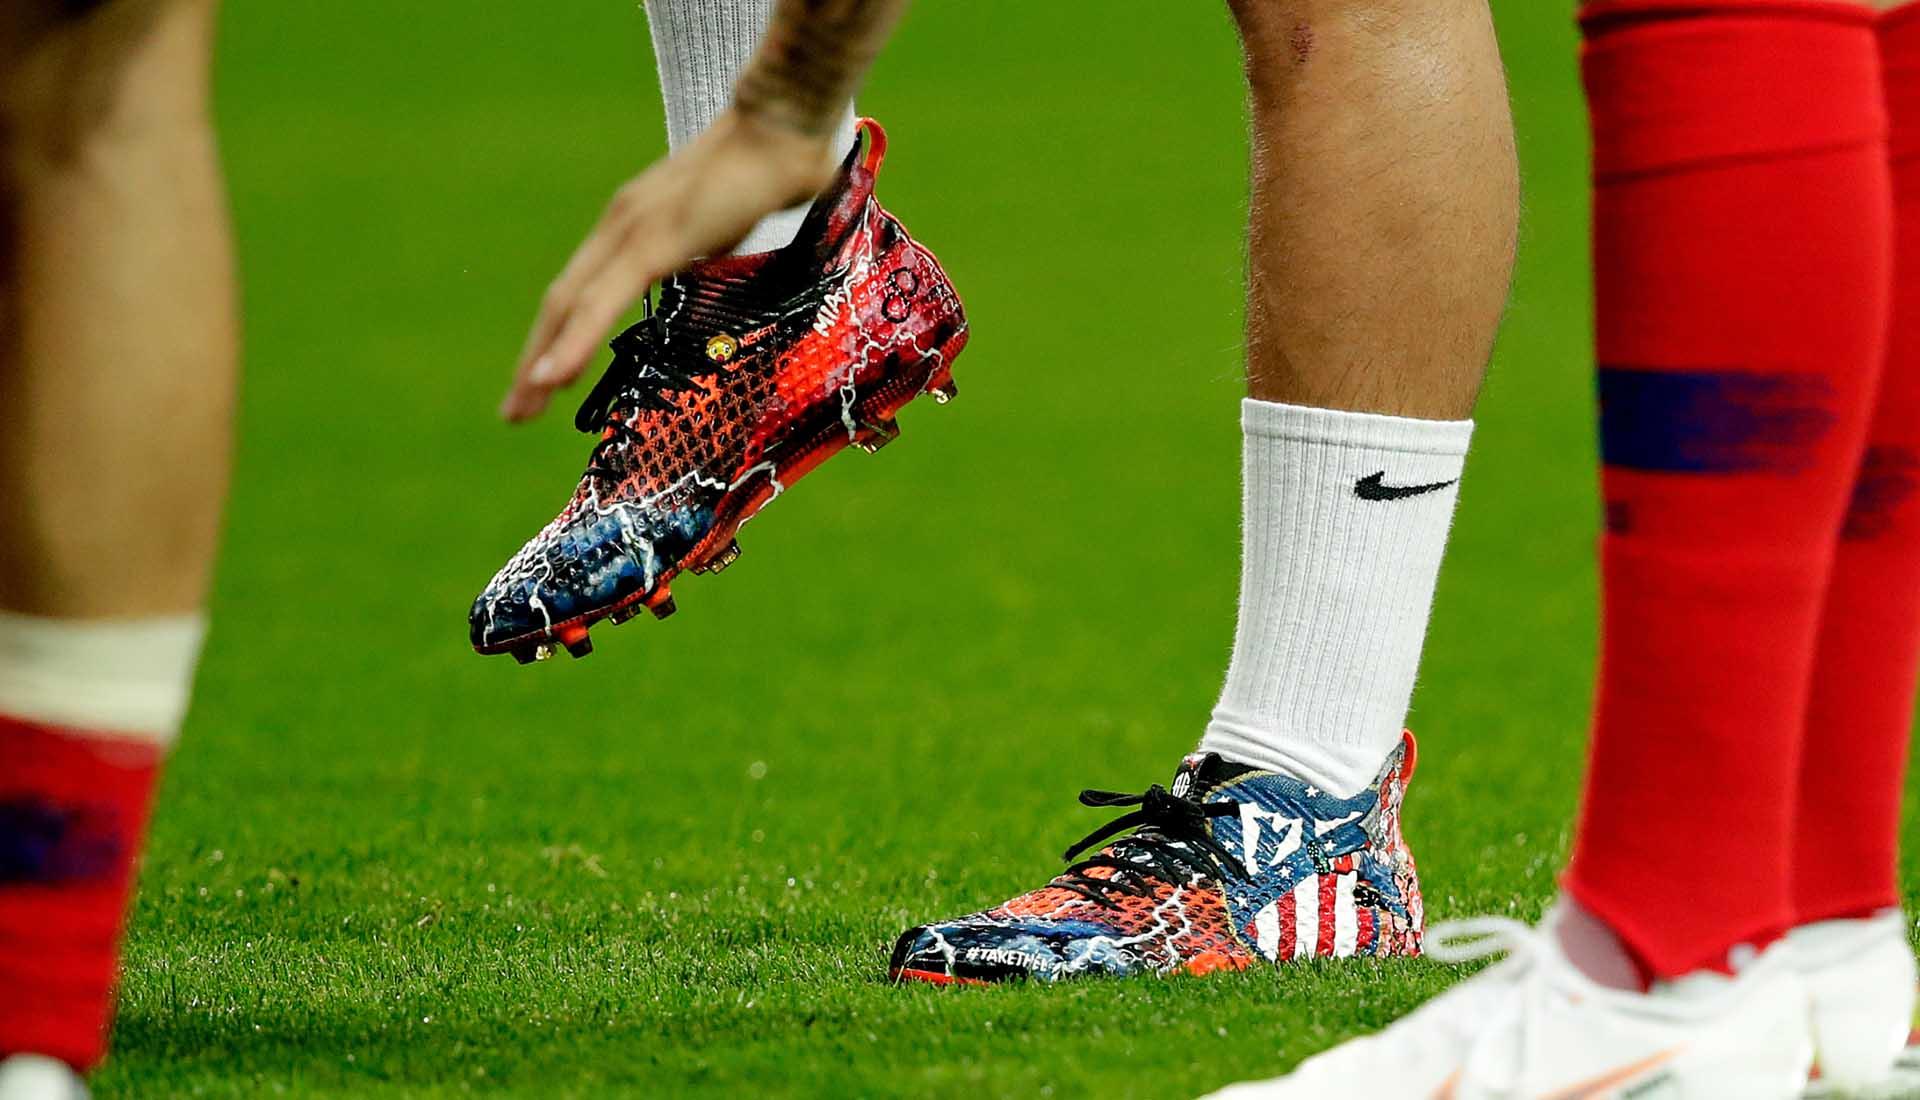 d40124c51d5 Antoine Griezmann Wears Custom Designed PUMA Future Boots - SoccerBible